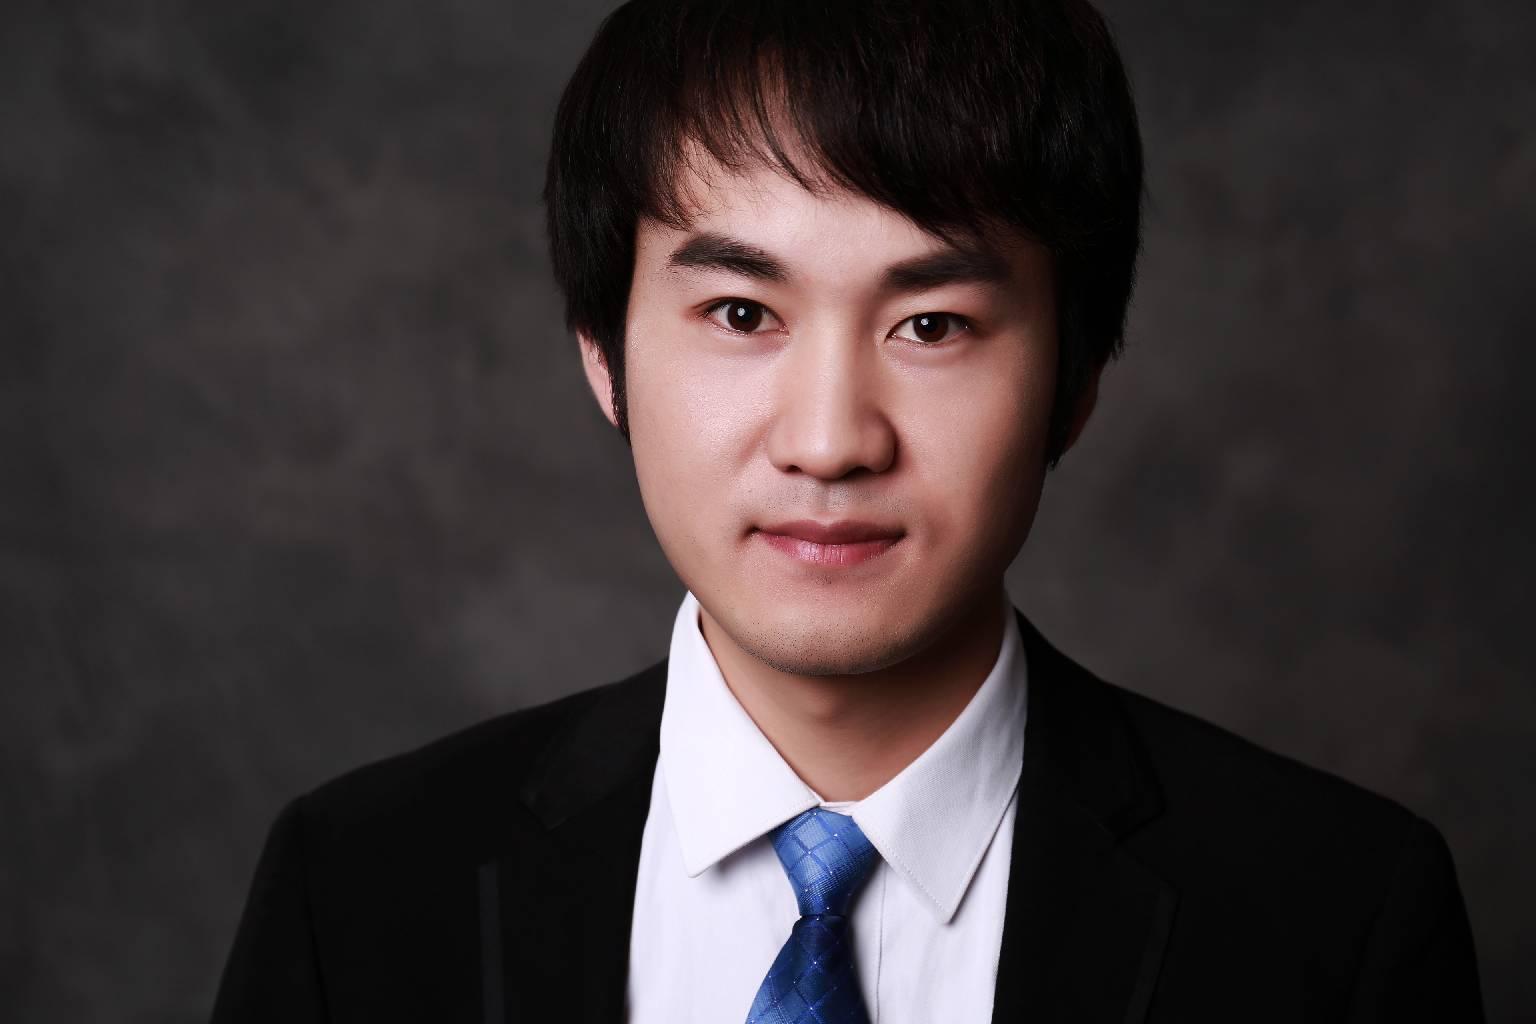 佰客云(北京)区块链科技有限公司总监段牧明照片